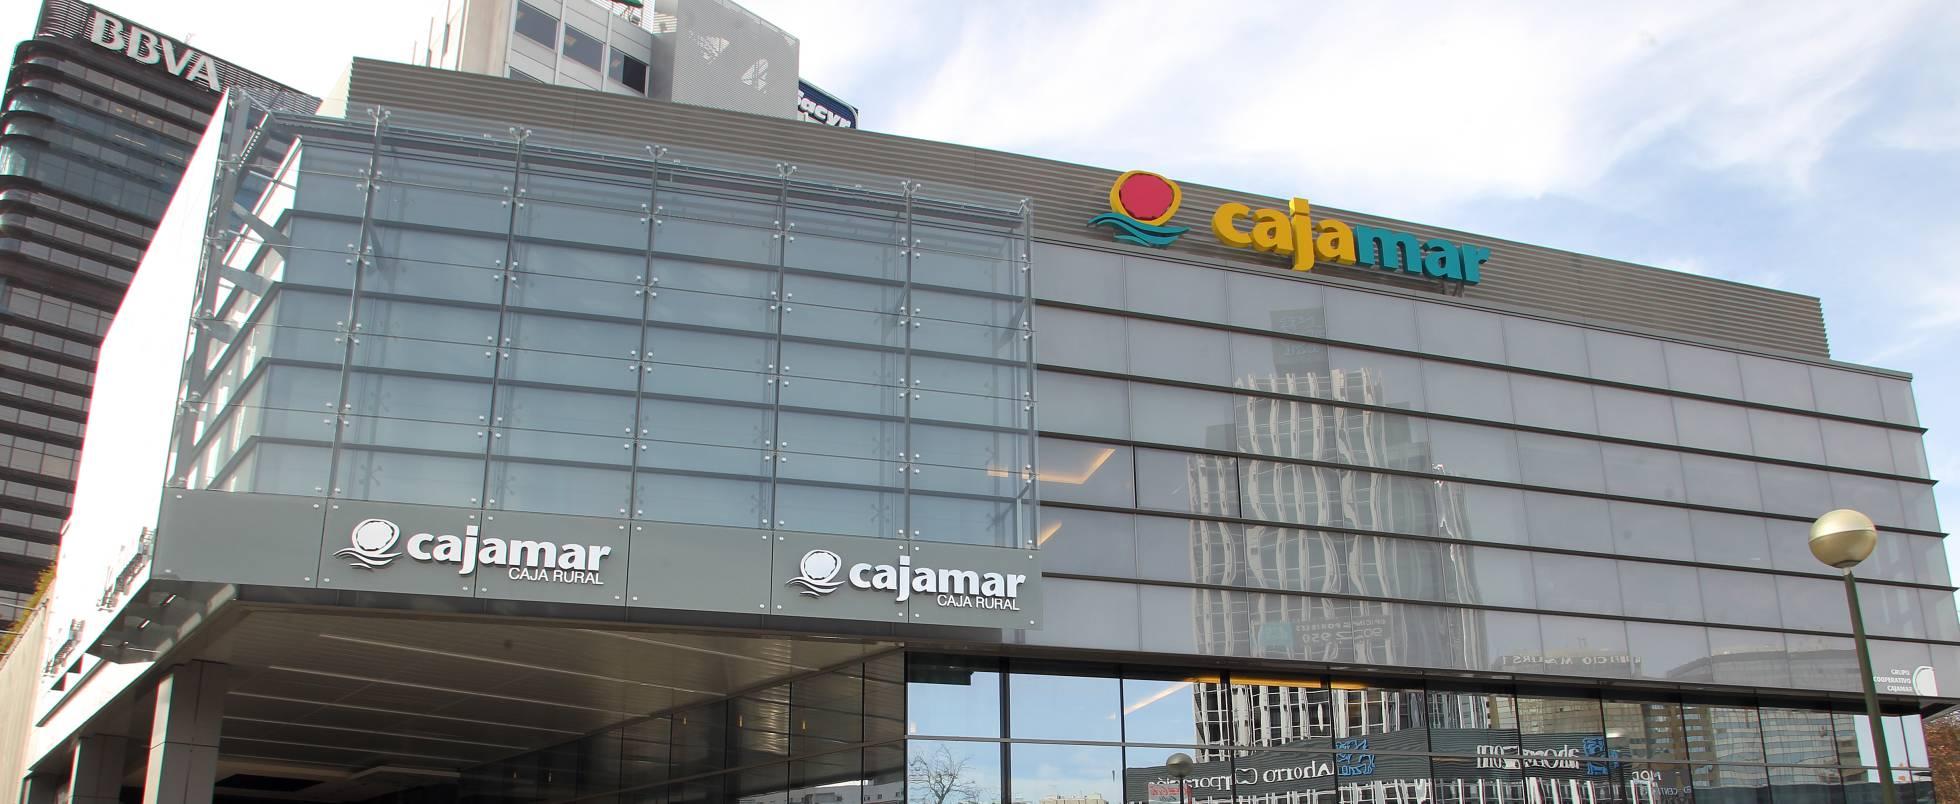 Cajamar todavía no ha solucionado el problema inmobiliario